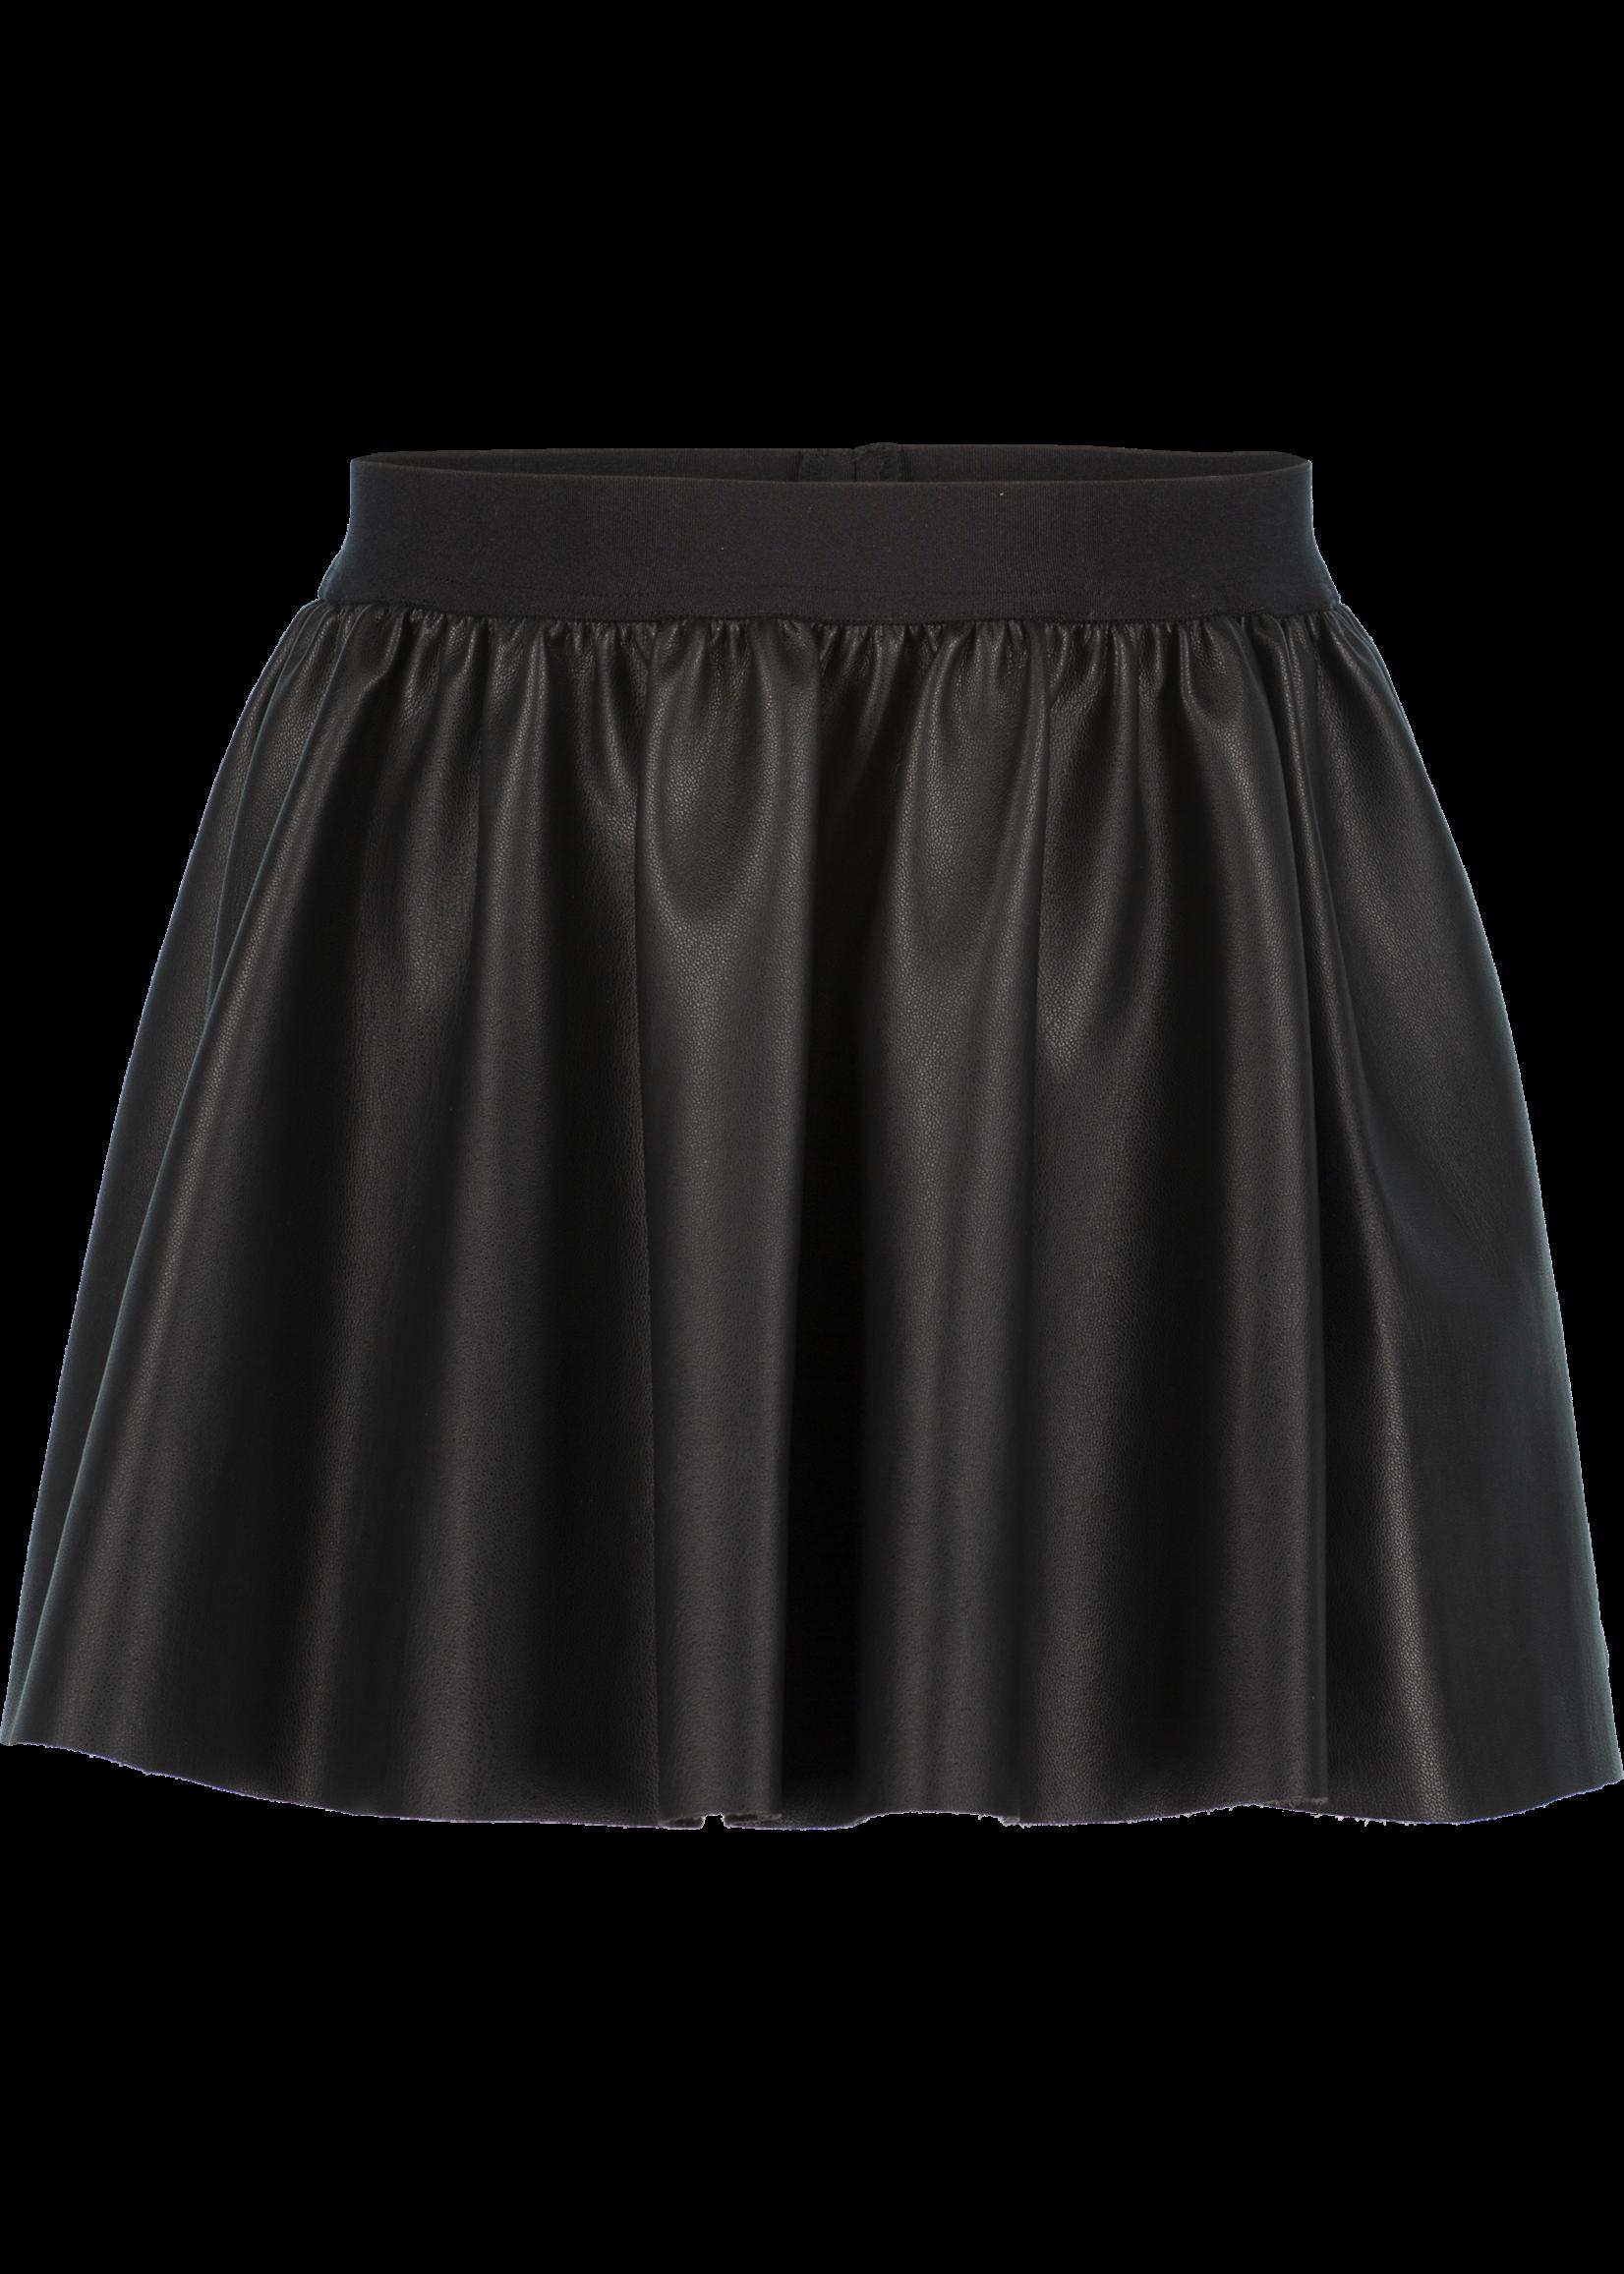 President 4p skirt black